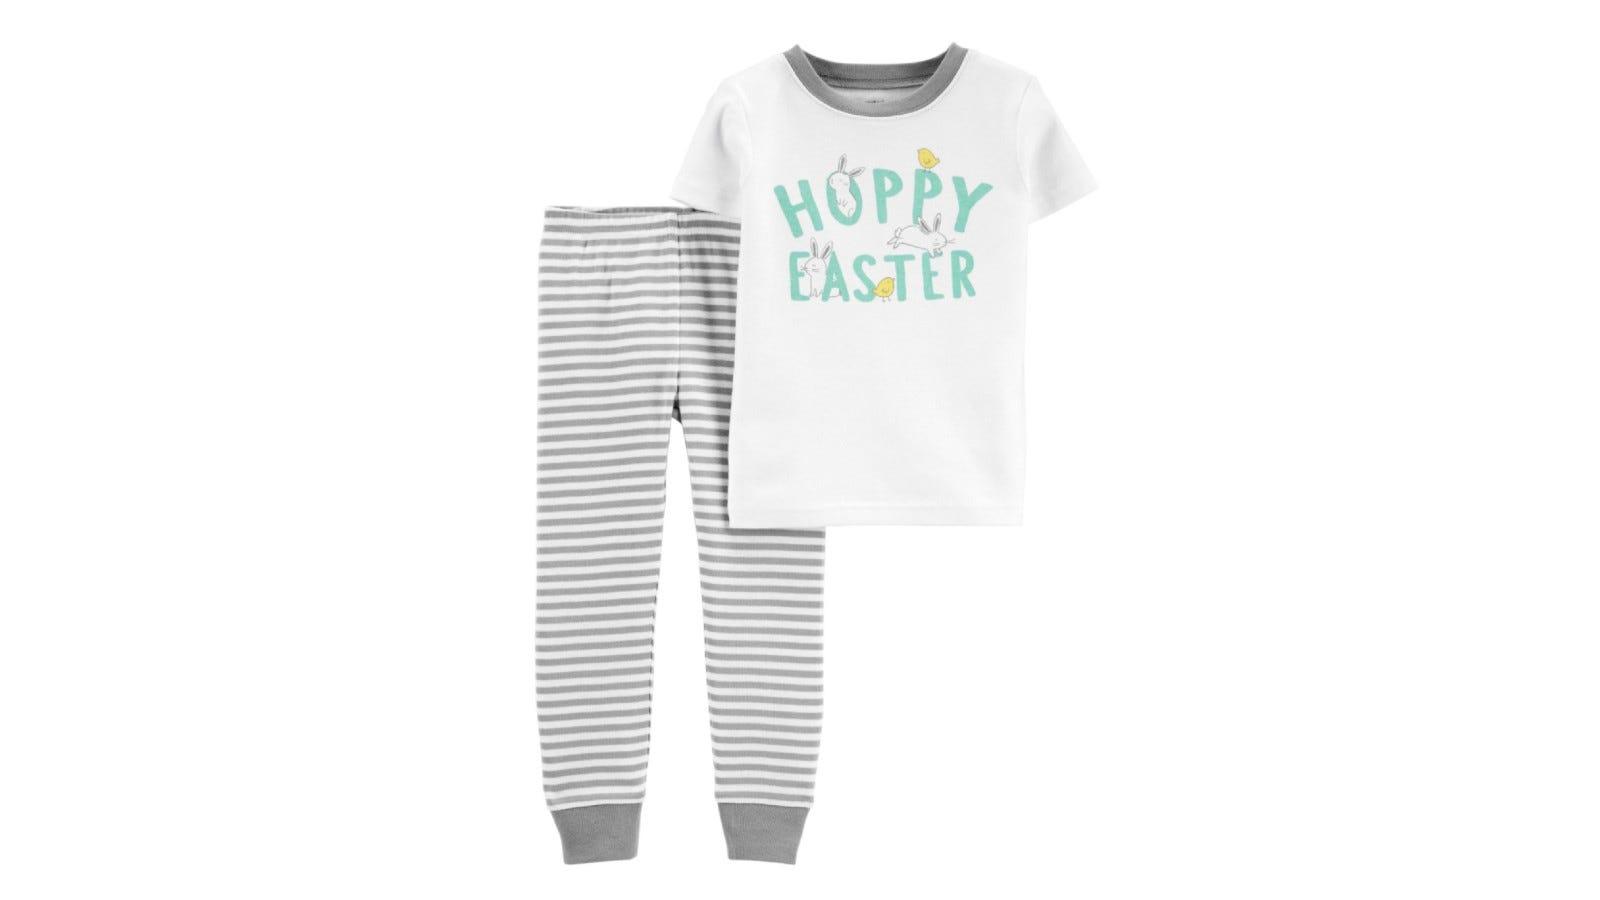 gray and white two piece pajamas